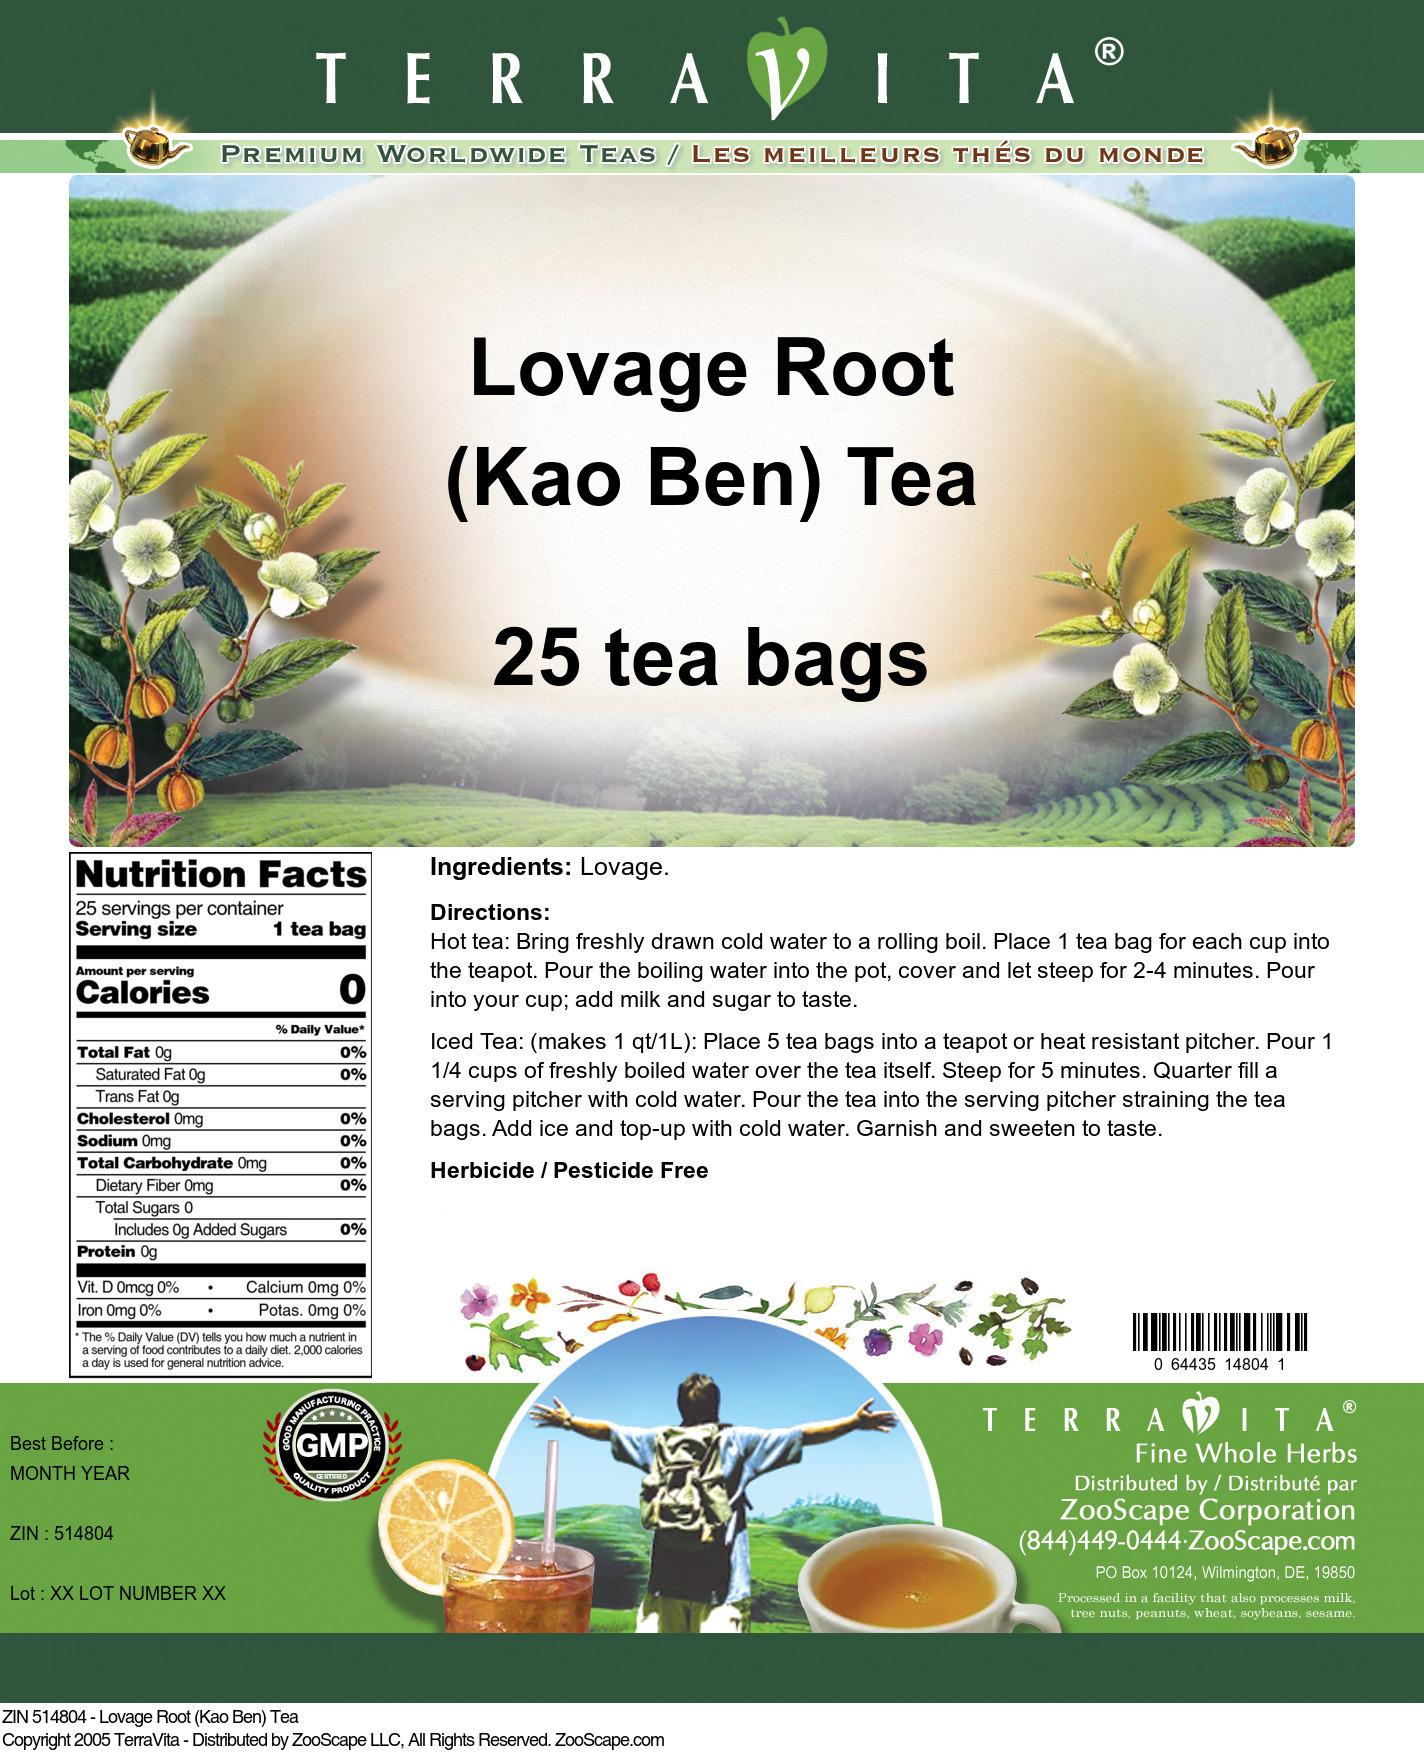 Lovage Root (Kao Ben) Tea